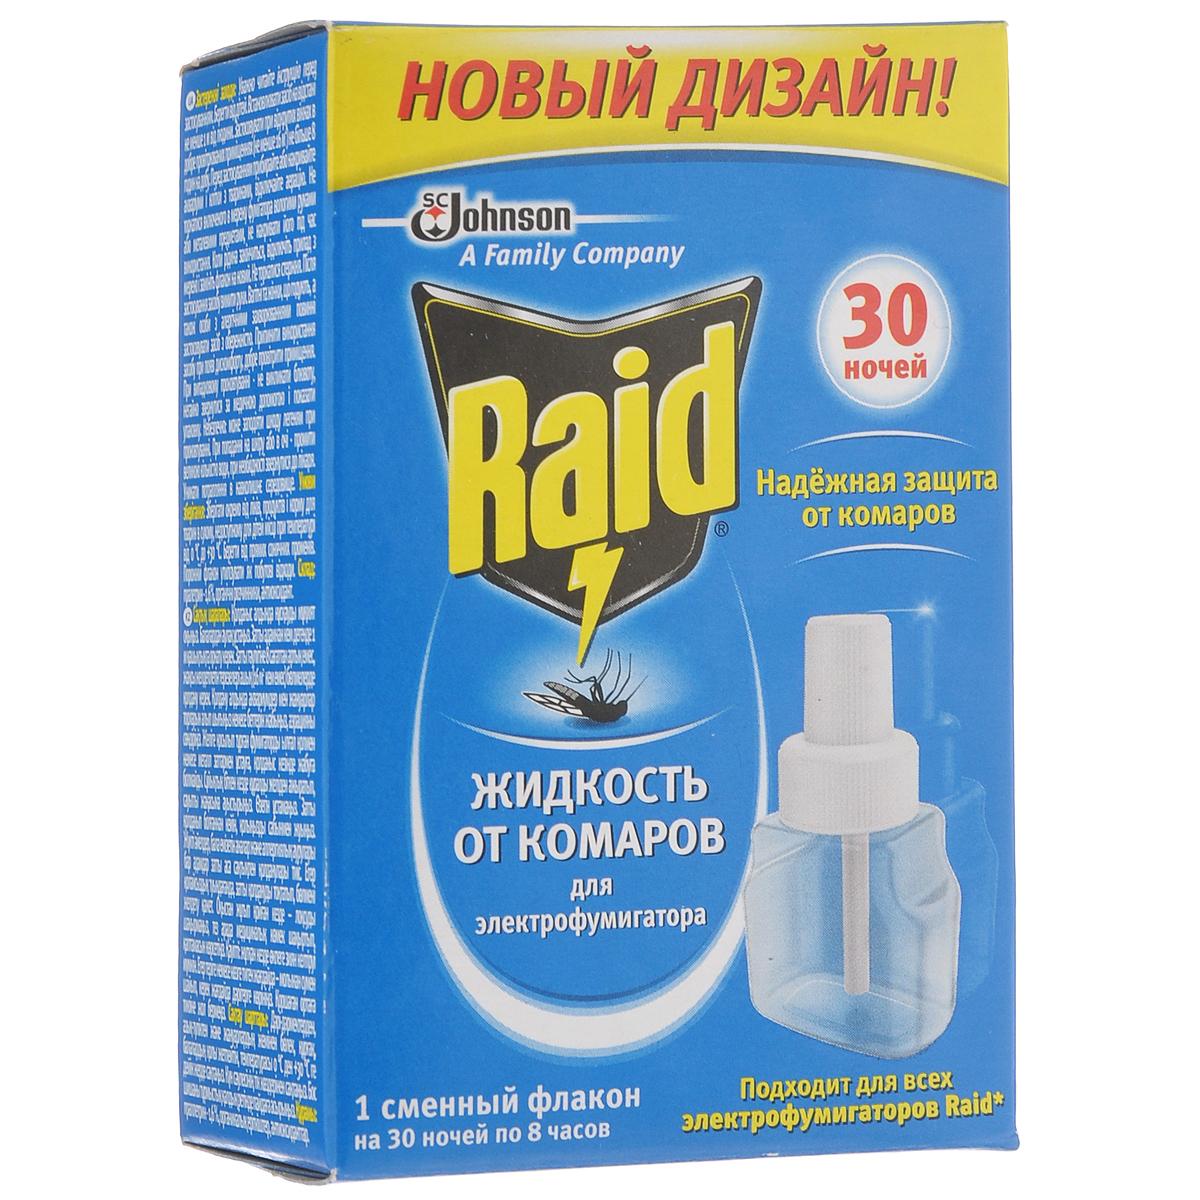 Жидкость для фумигатора от комаров Raid, на 30 ночей, 21,9 мл106-026Жидкость от комаров Raid - это защита от комаров для всех членов семьи. Обеспечивает 30 ночей (по 8 часов) непрерывной эффективной защиты.Сменный флакон действует в помещении до 50 м3. Не обладающая никаким запахом, абсолютно безопасная для здоровья жидкость от комаров, уничтожает насекомых в комнате, даже при открытых окнах в течение всей ночи.Состав: праллетрин 1,6%, органические растворители, антиоксидант.